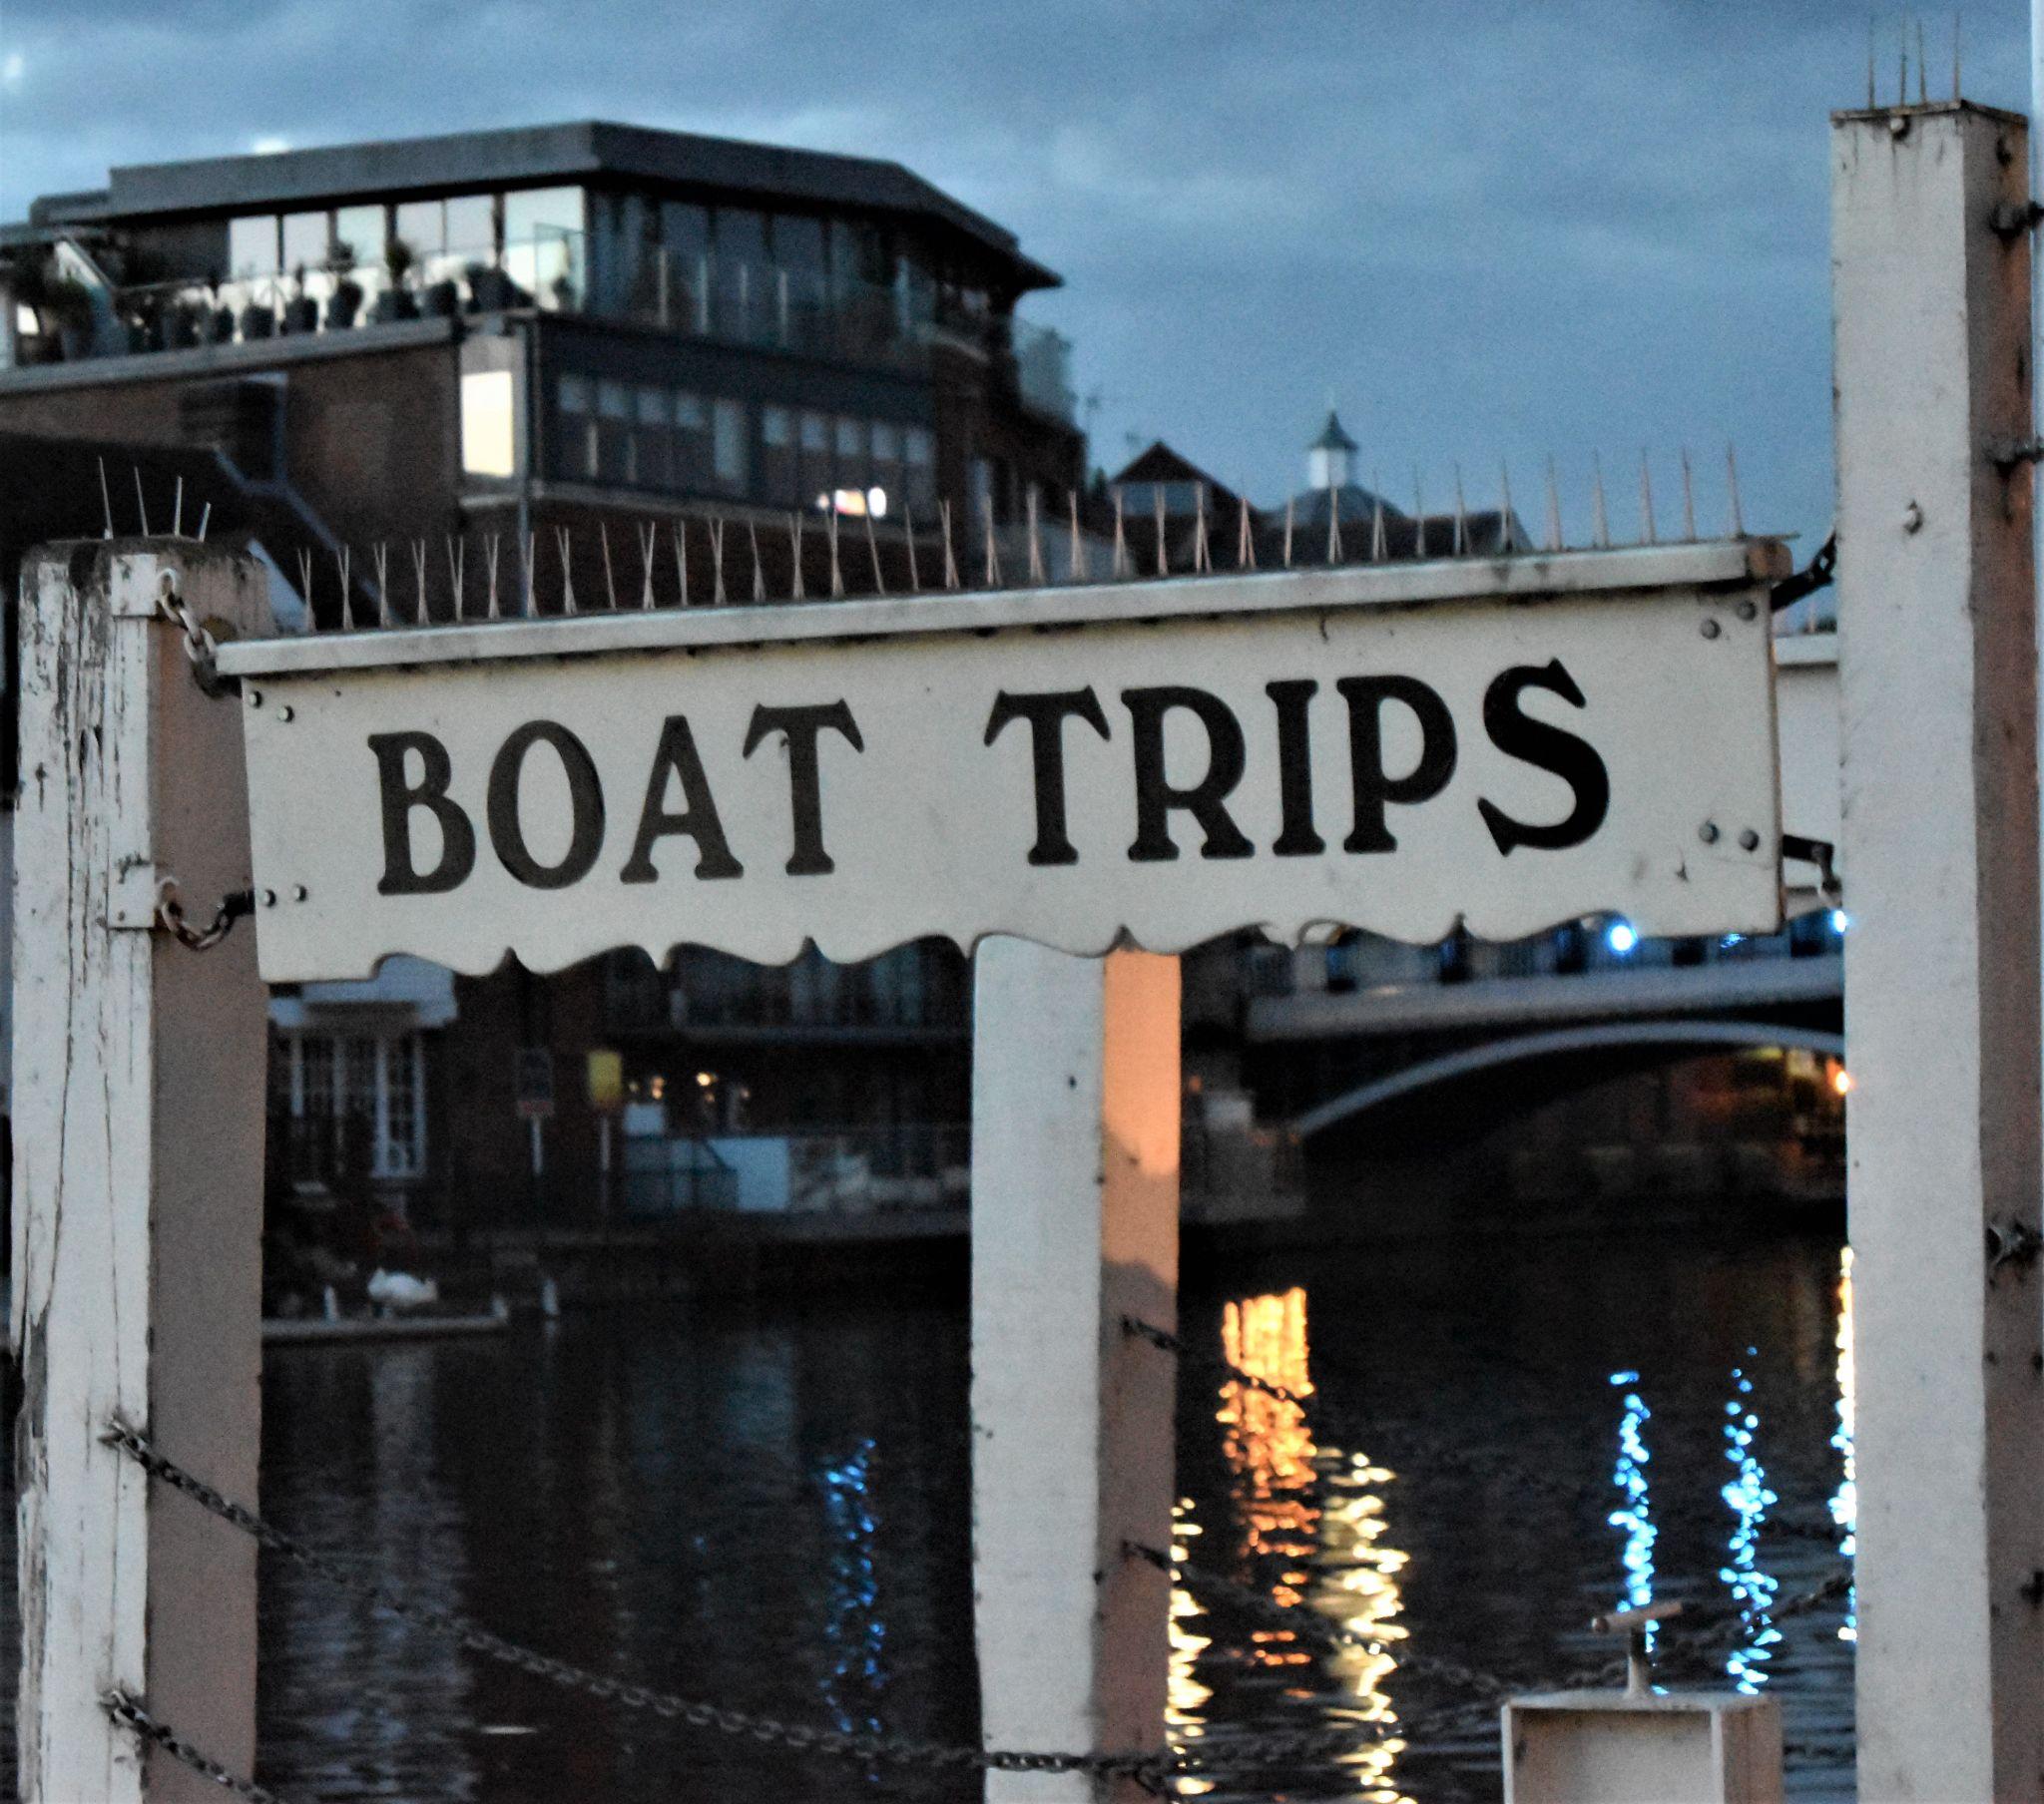 River Thames Windsor, United Kingdom